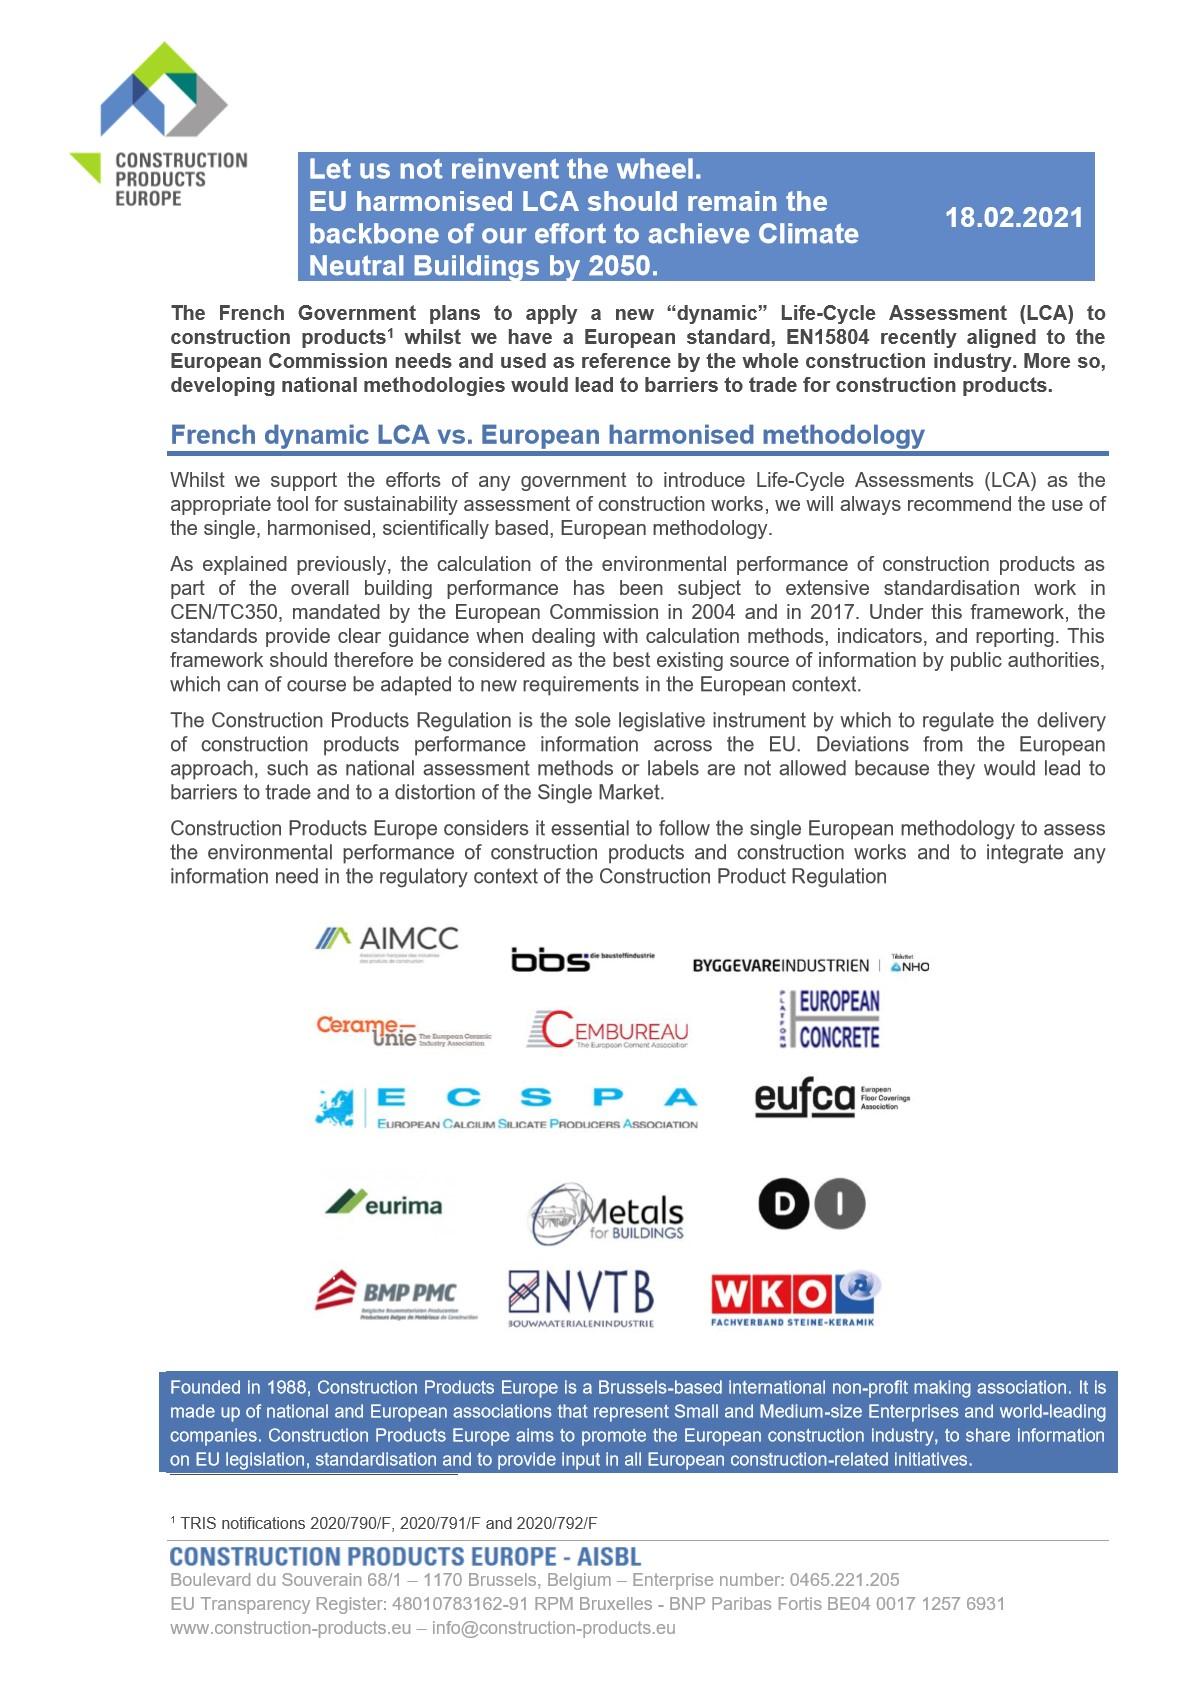 Dommage que la France ait recours à une méthode d'ACV scientifiquement discutable pour promouvoir les matériaux biosourcés